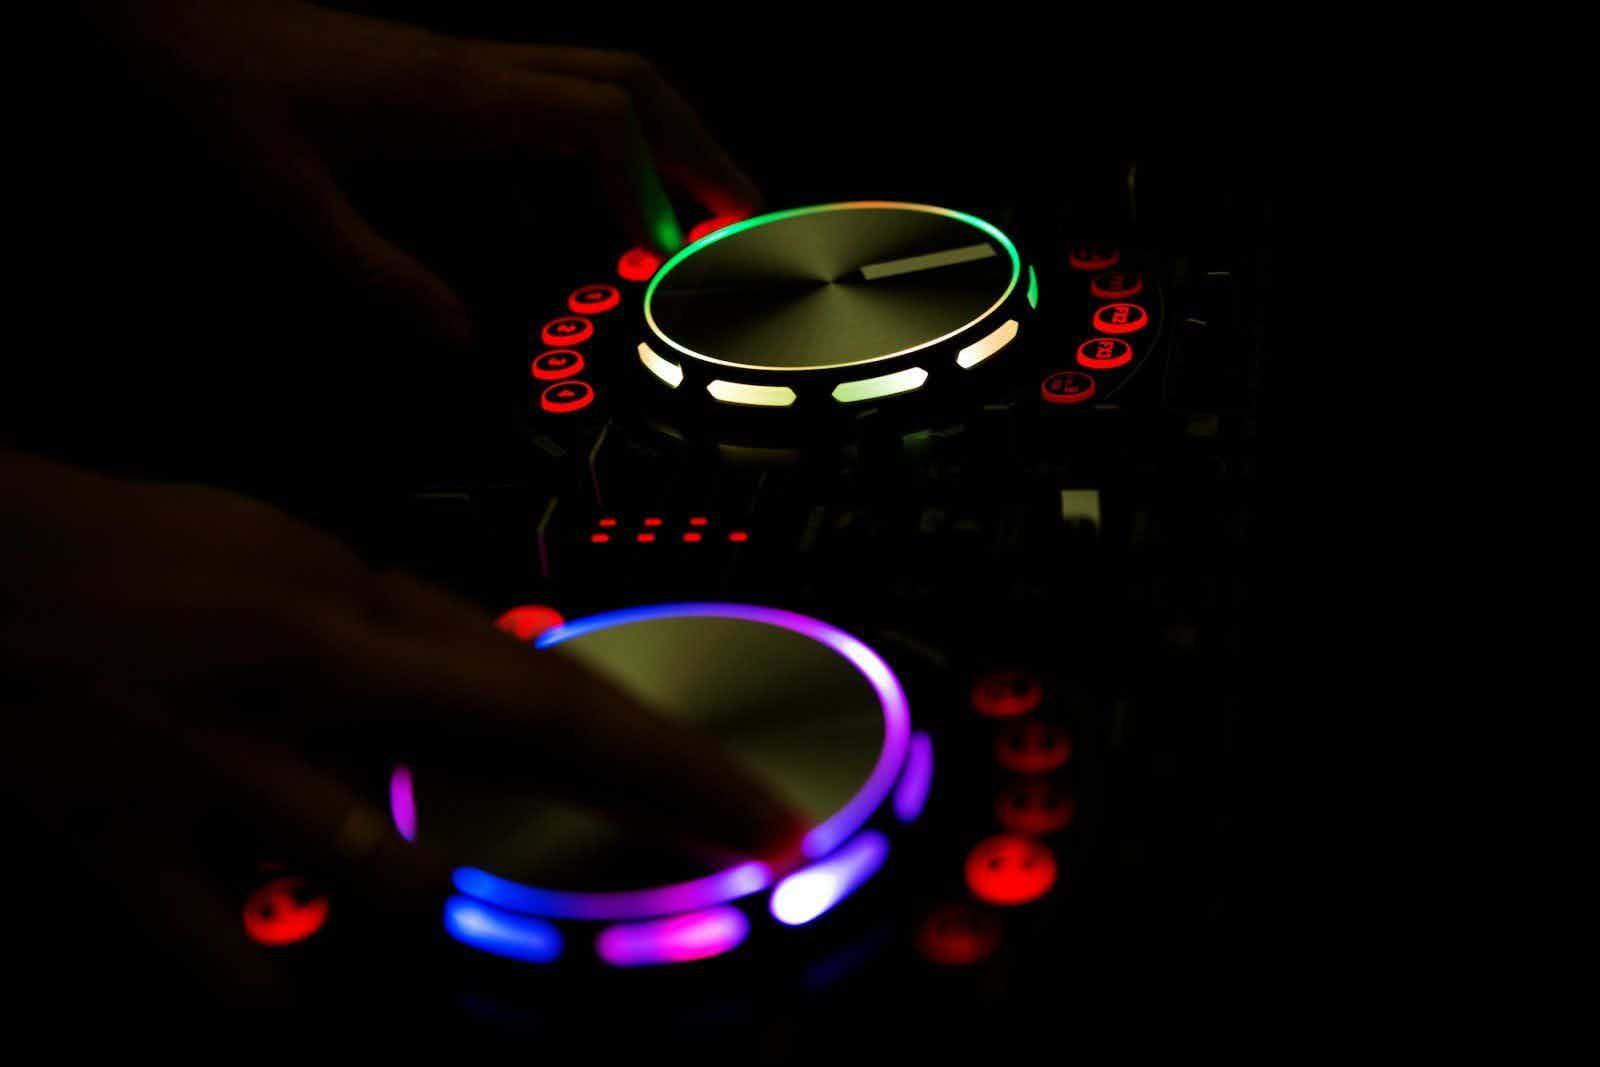 verlicht-dj-mixpaneel